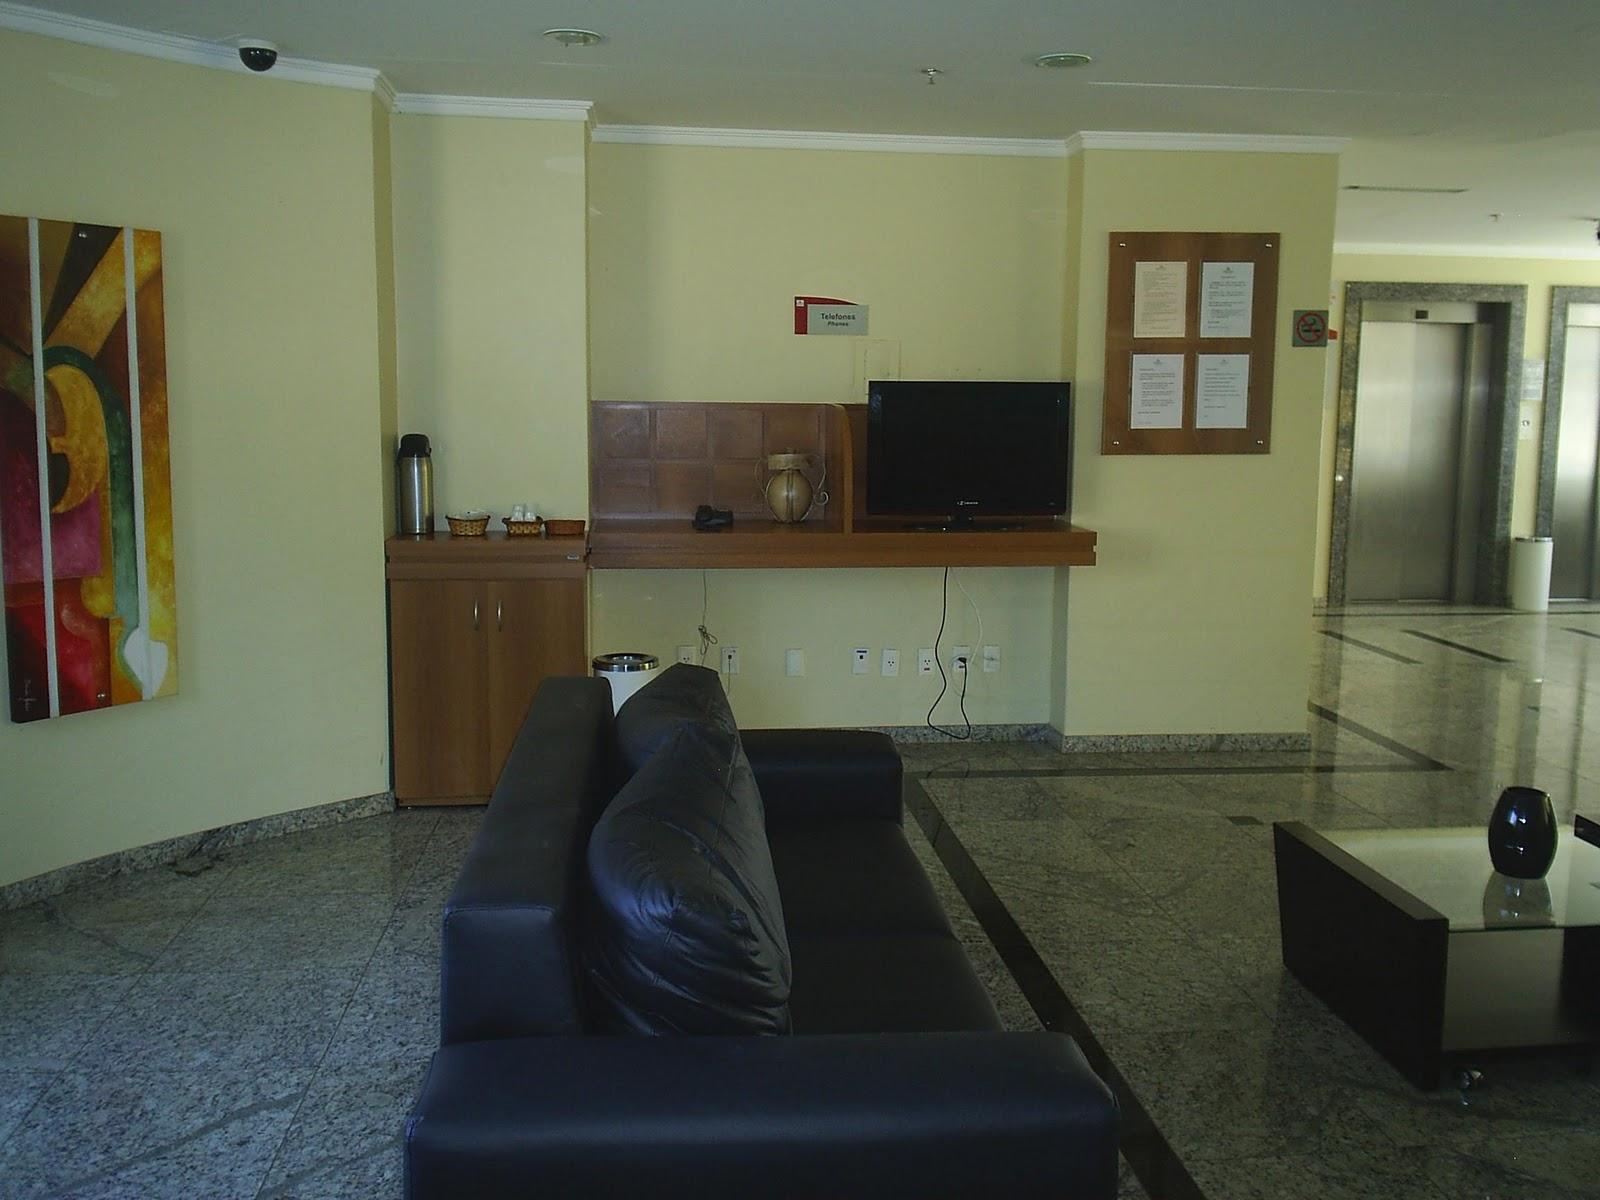 Nivaldo Imóveis: Apart Hotel para Fim de Semana em Caldas Novas #5D4023 1600x1200 Banheiro Casal Com Hidro